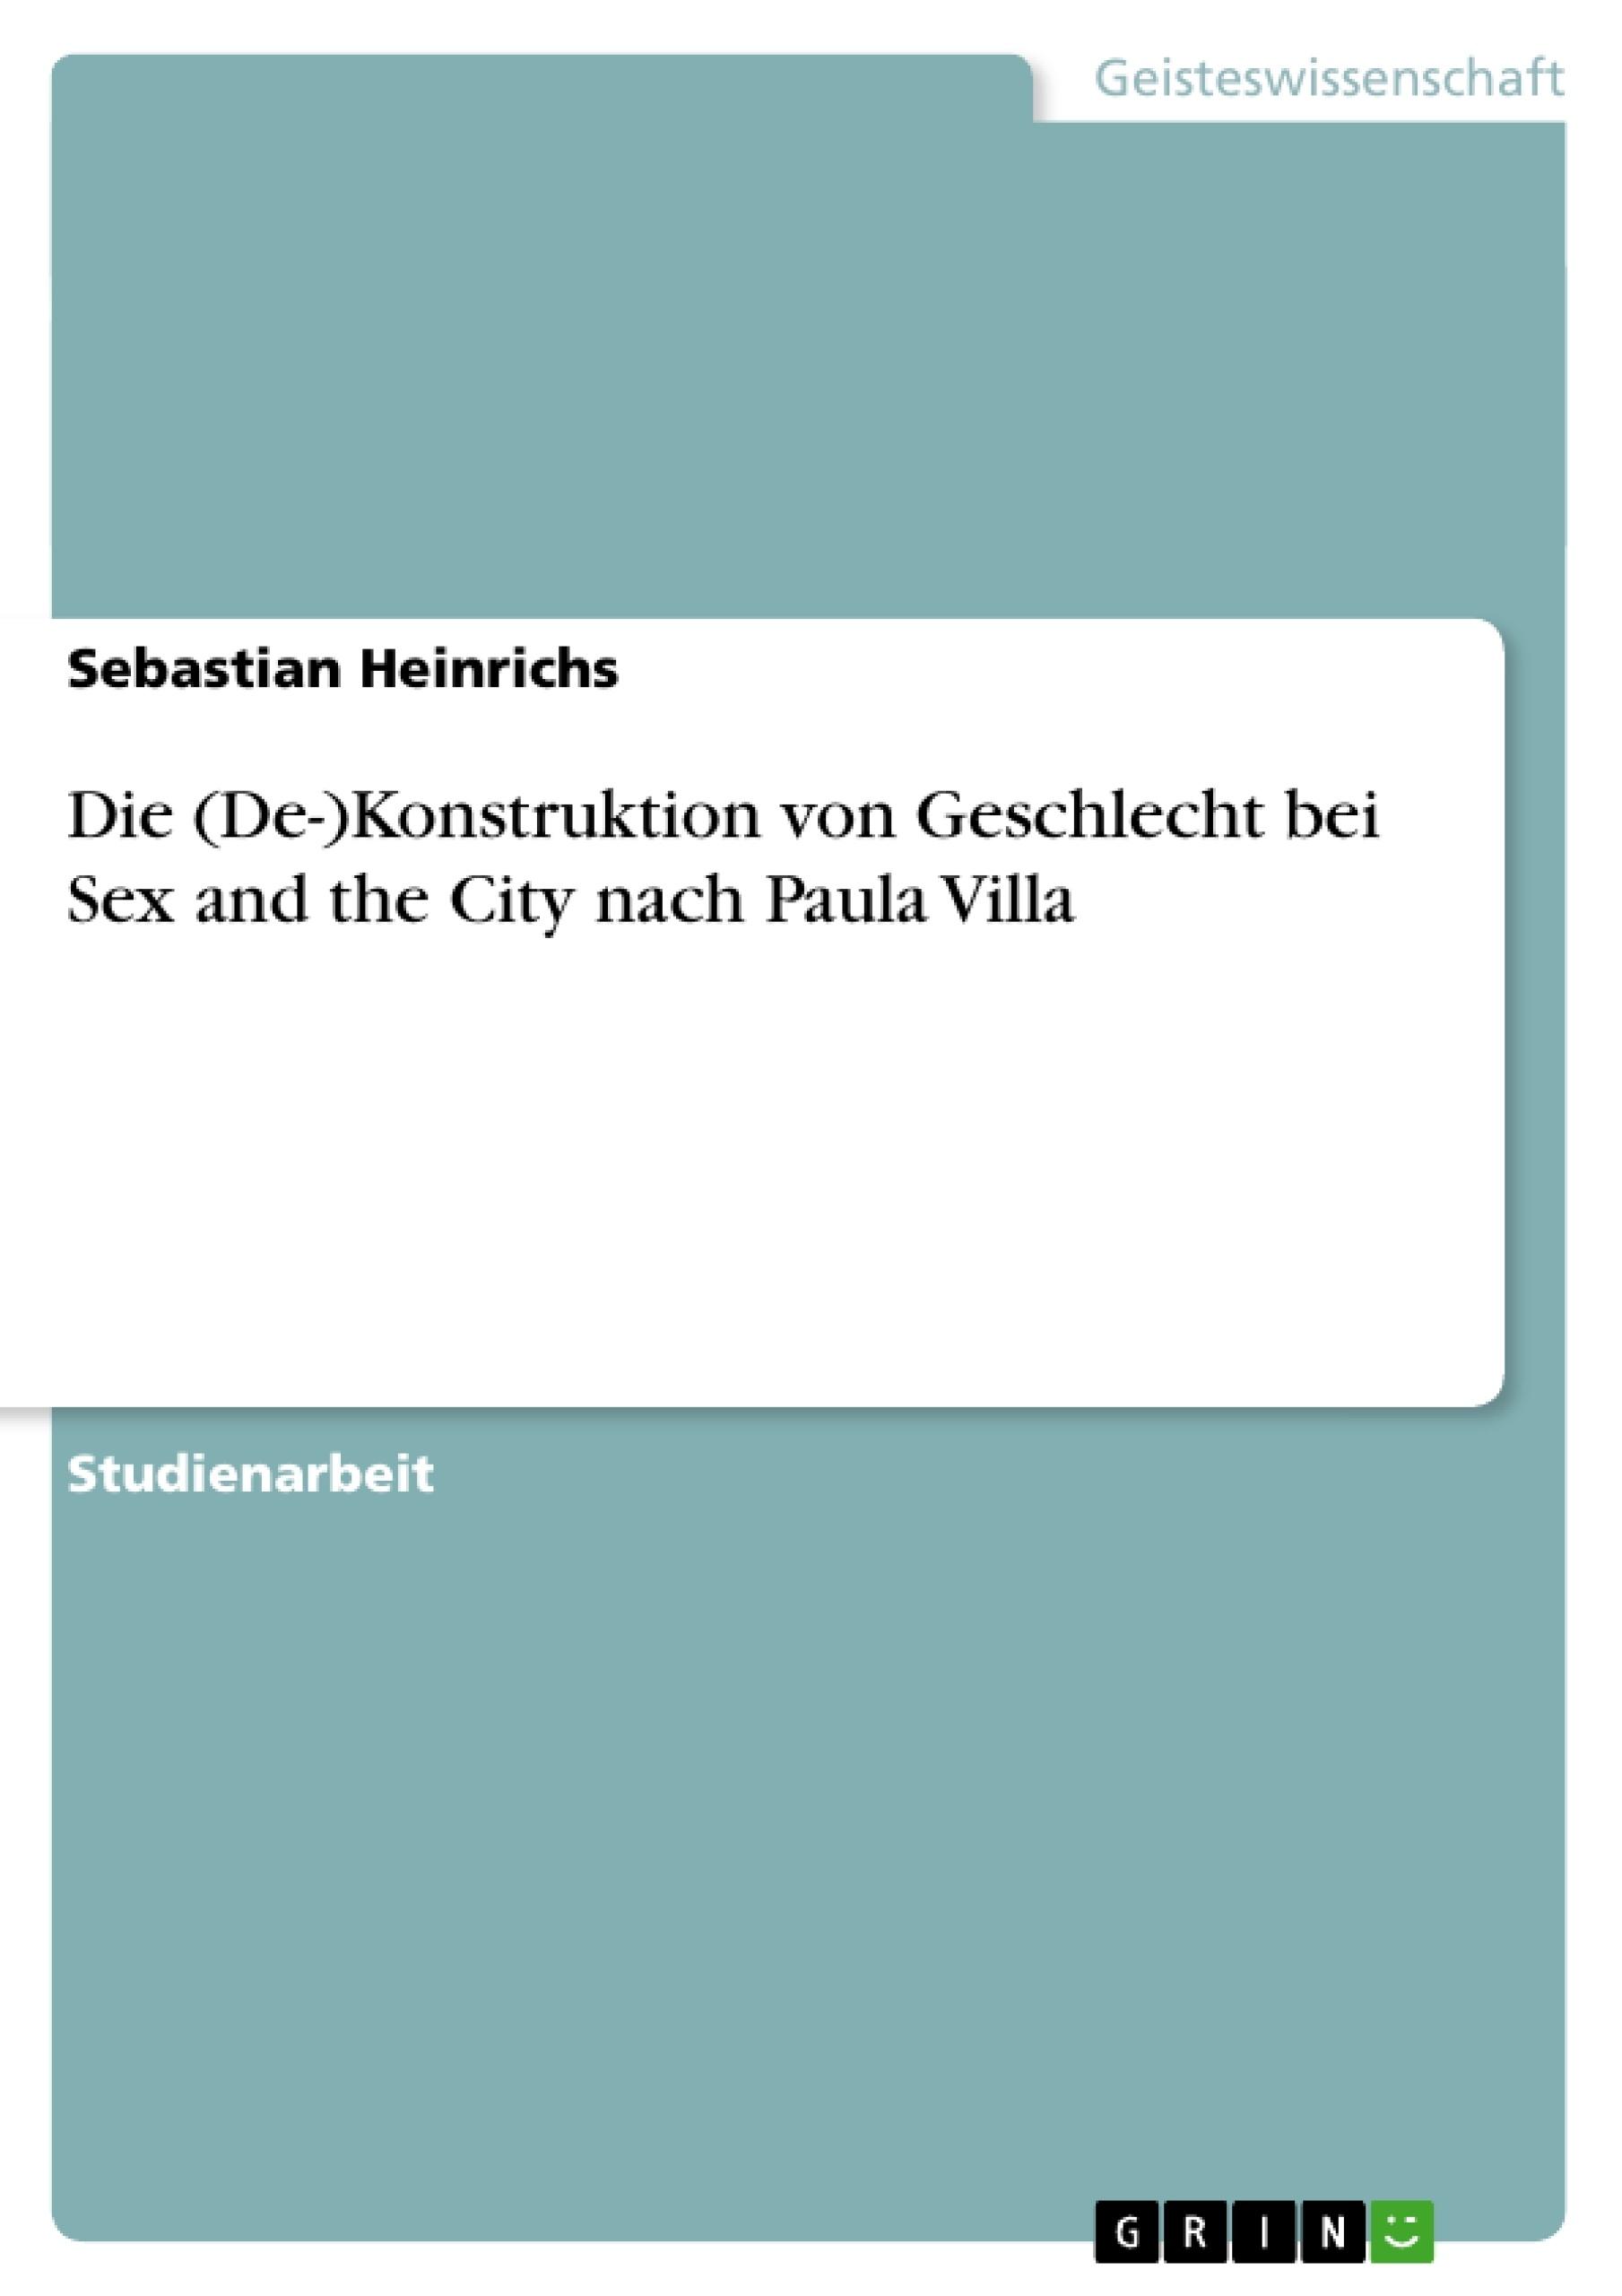 Titel: Die (De-)Konstruktion von Geschlecht bei Sex and the City nach Paula Villa